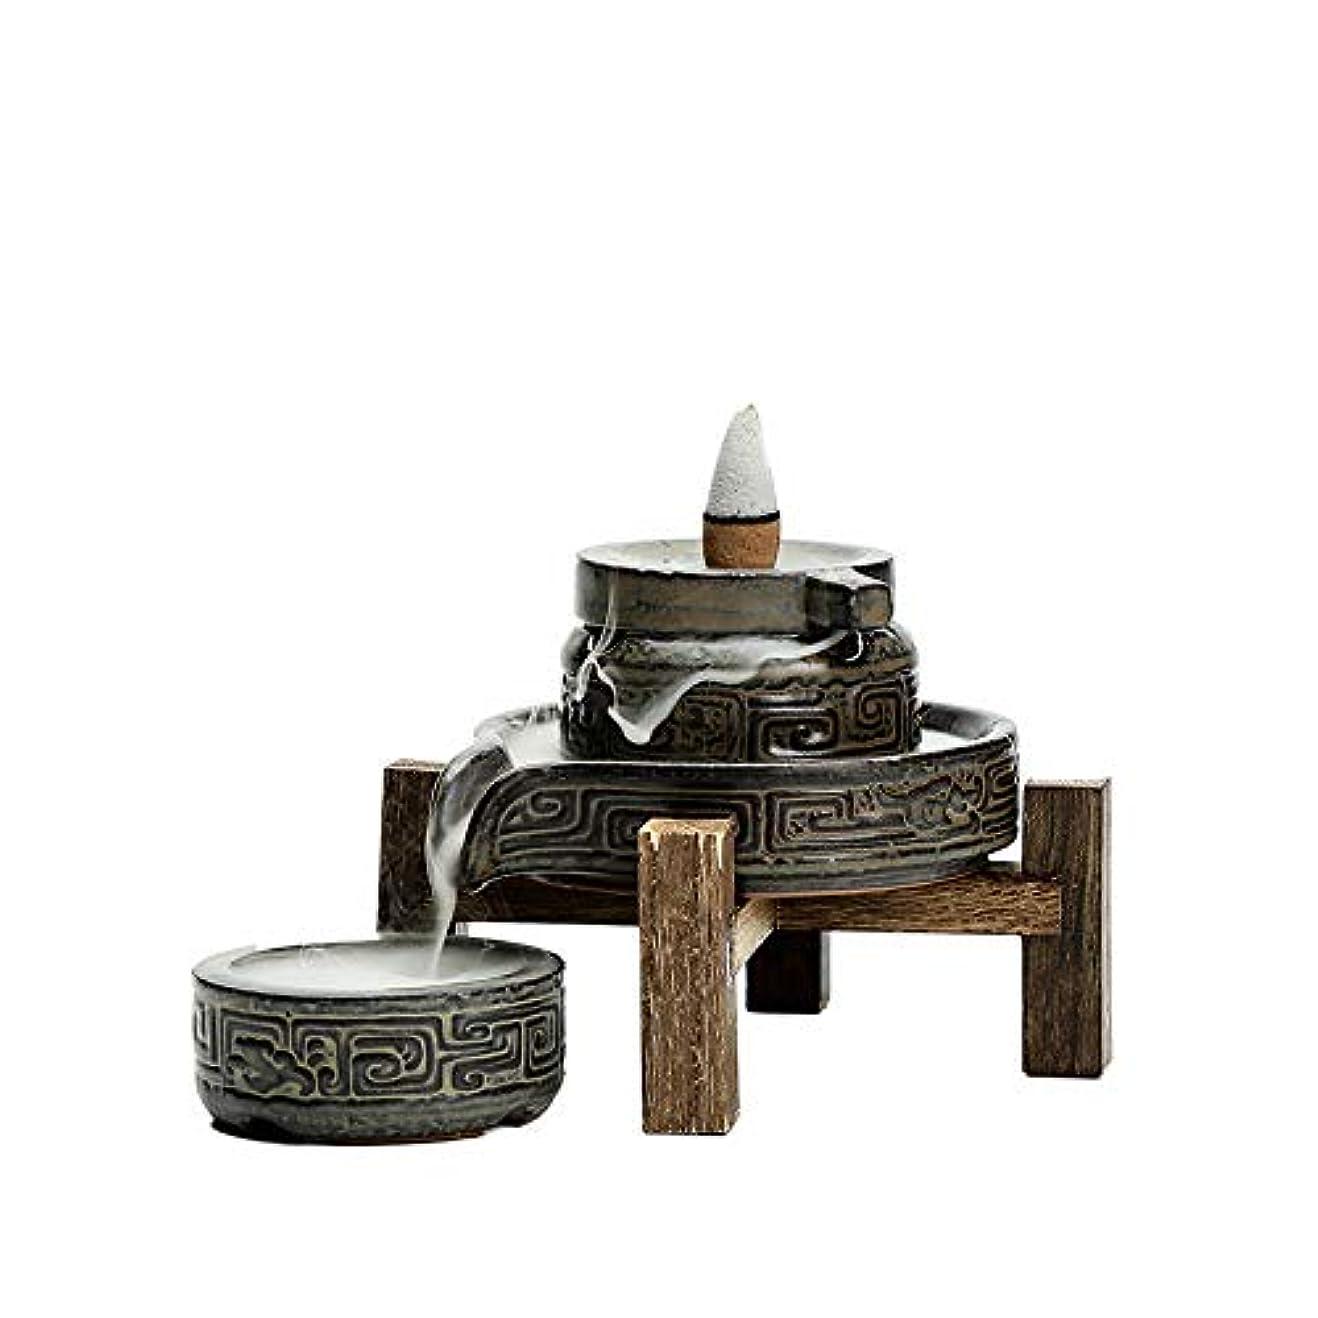 トライアスロンピアニスト絶滅したPHILOGOD 香炉 陶器ストーンミルモデリング逆流香炉 香立て 手作りの装飾 香皿